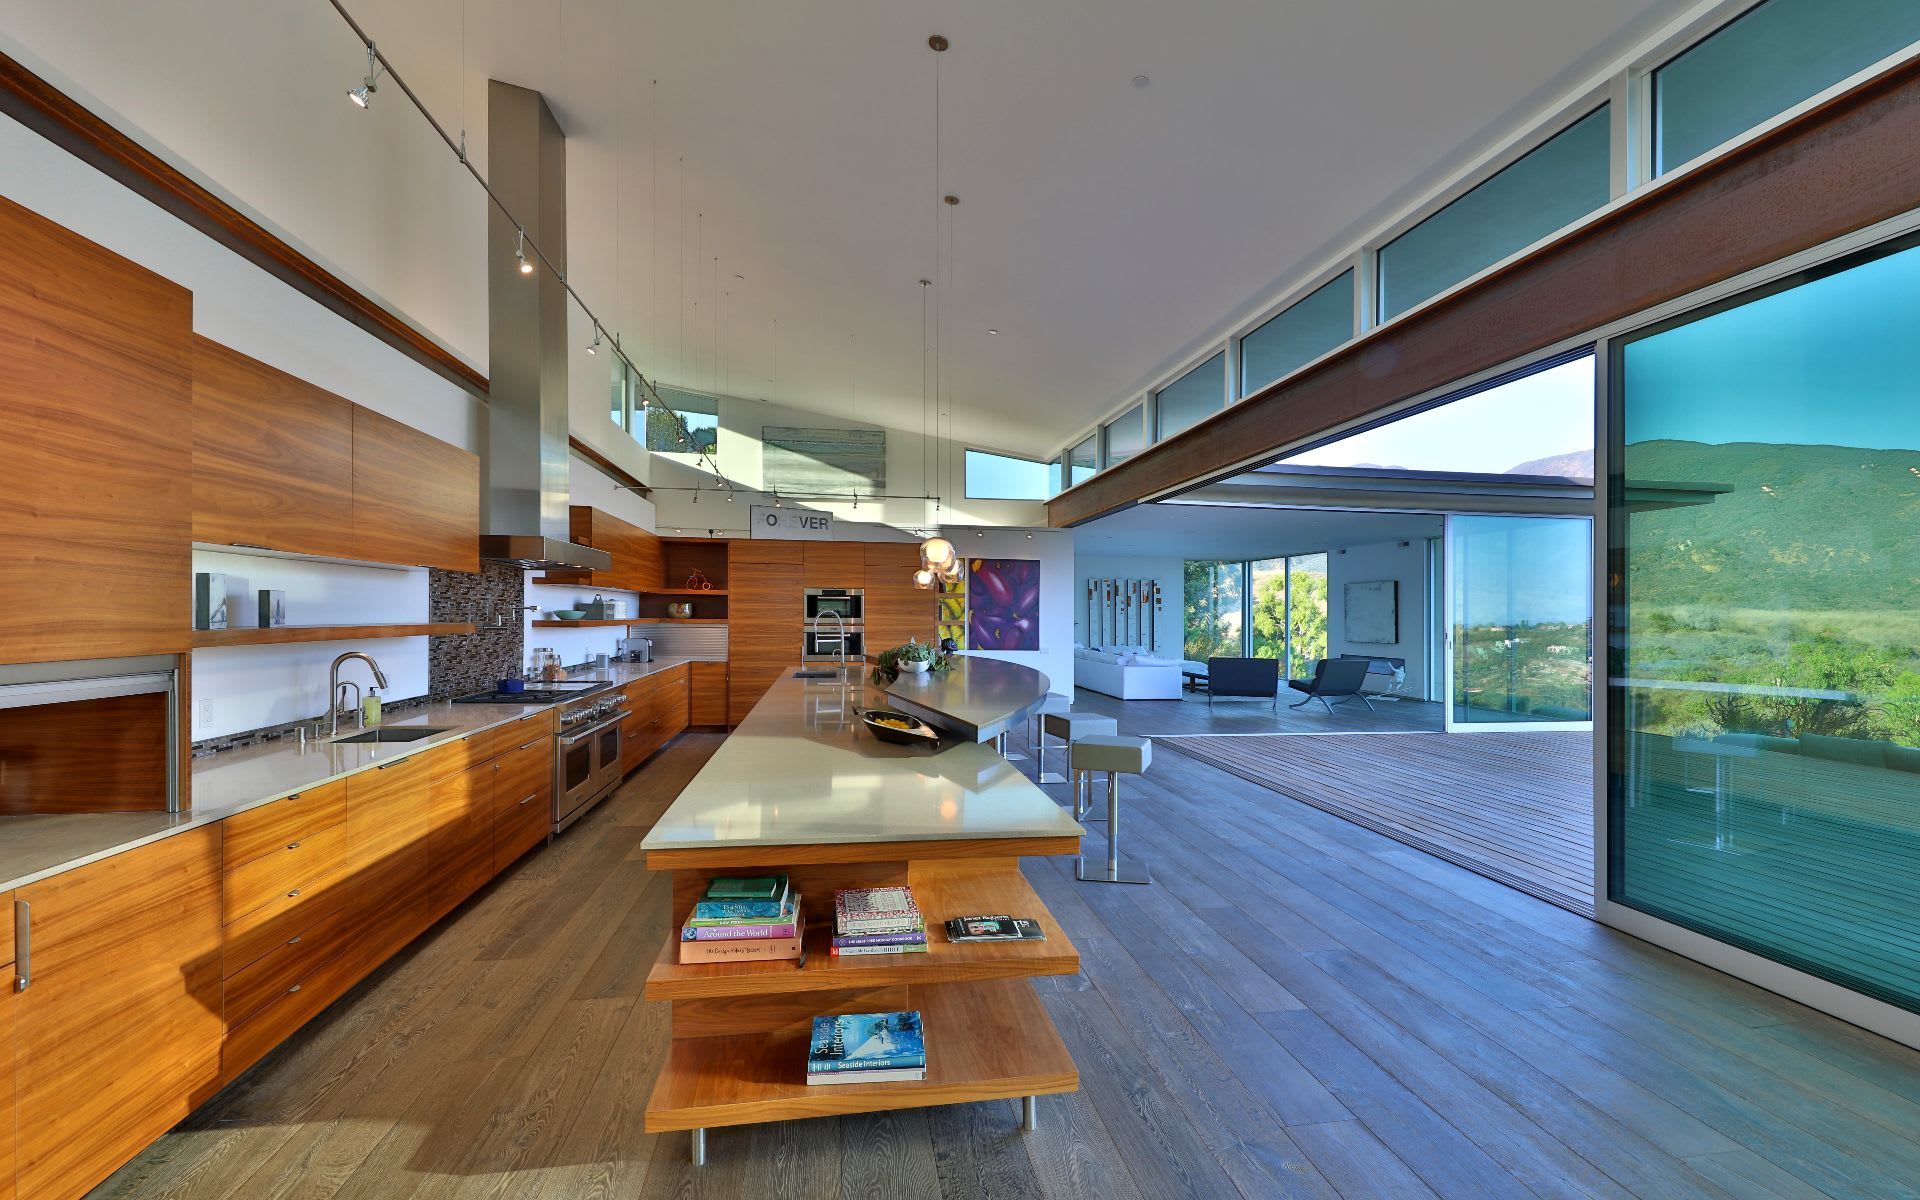 Additional photo for property listing at 5664 Calpine Dr 5664 Calpine Dr Malibu, Califórnia,90265 Estados Unidos